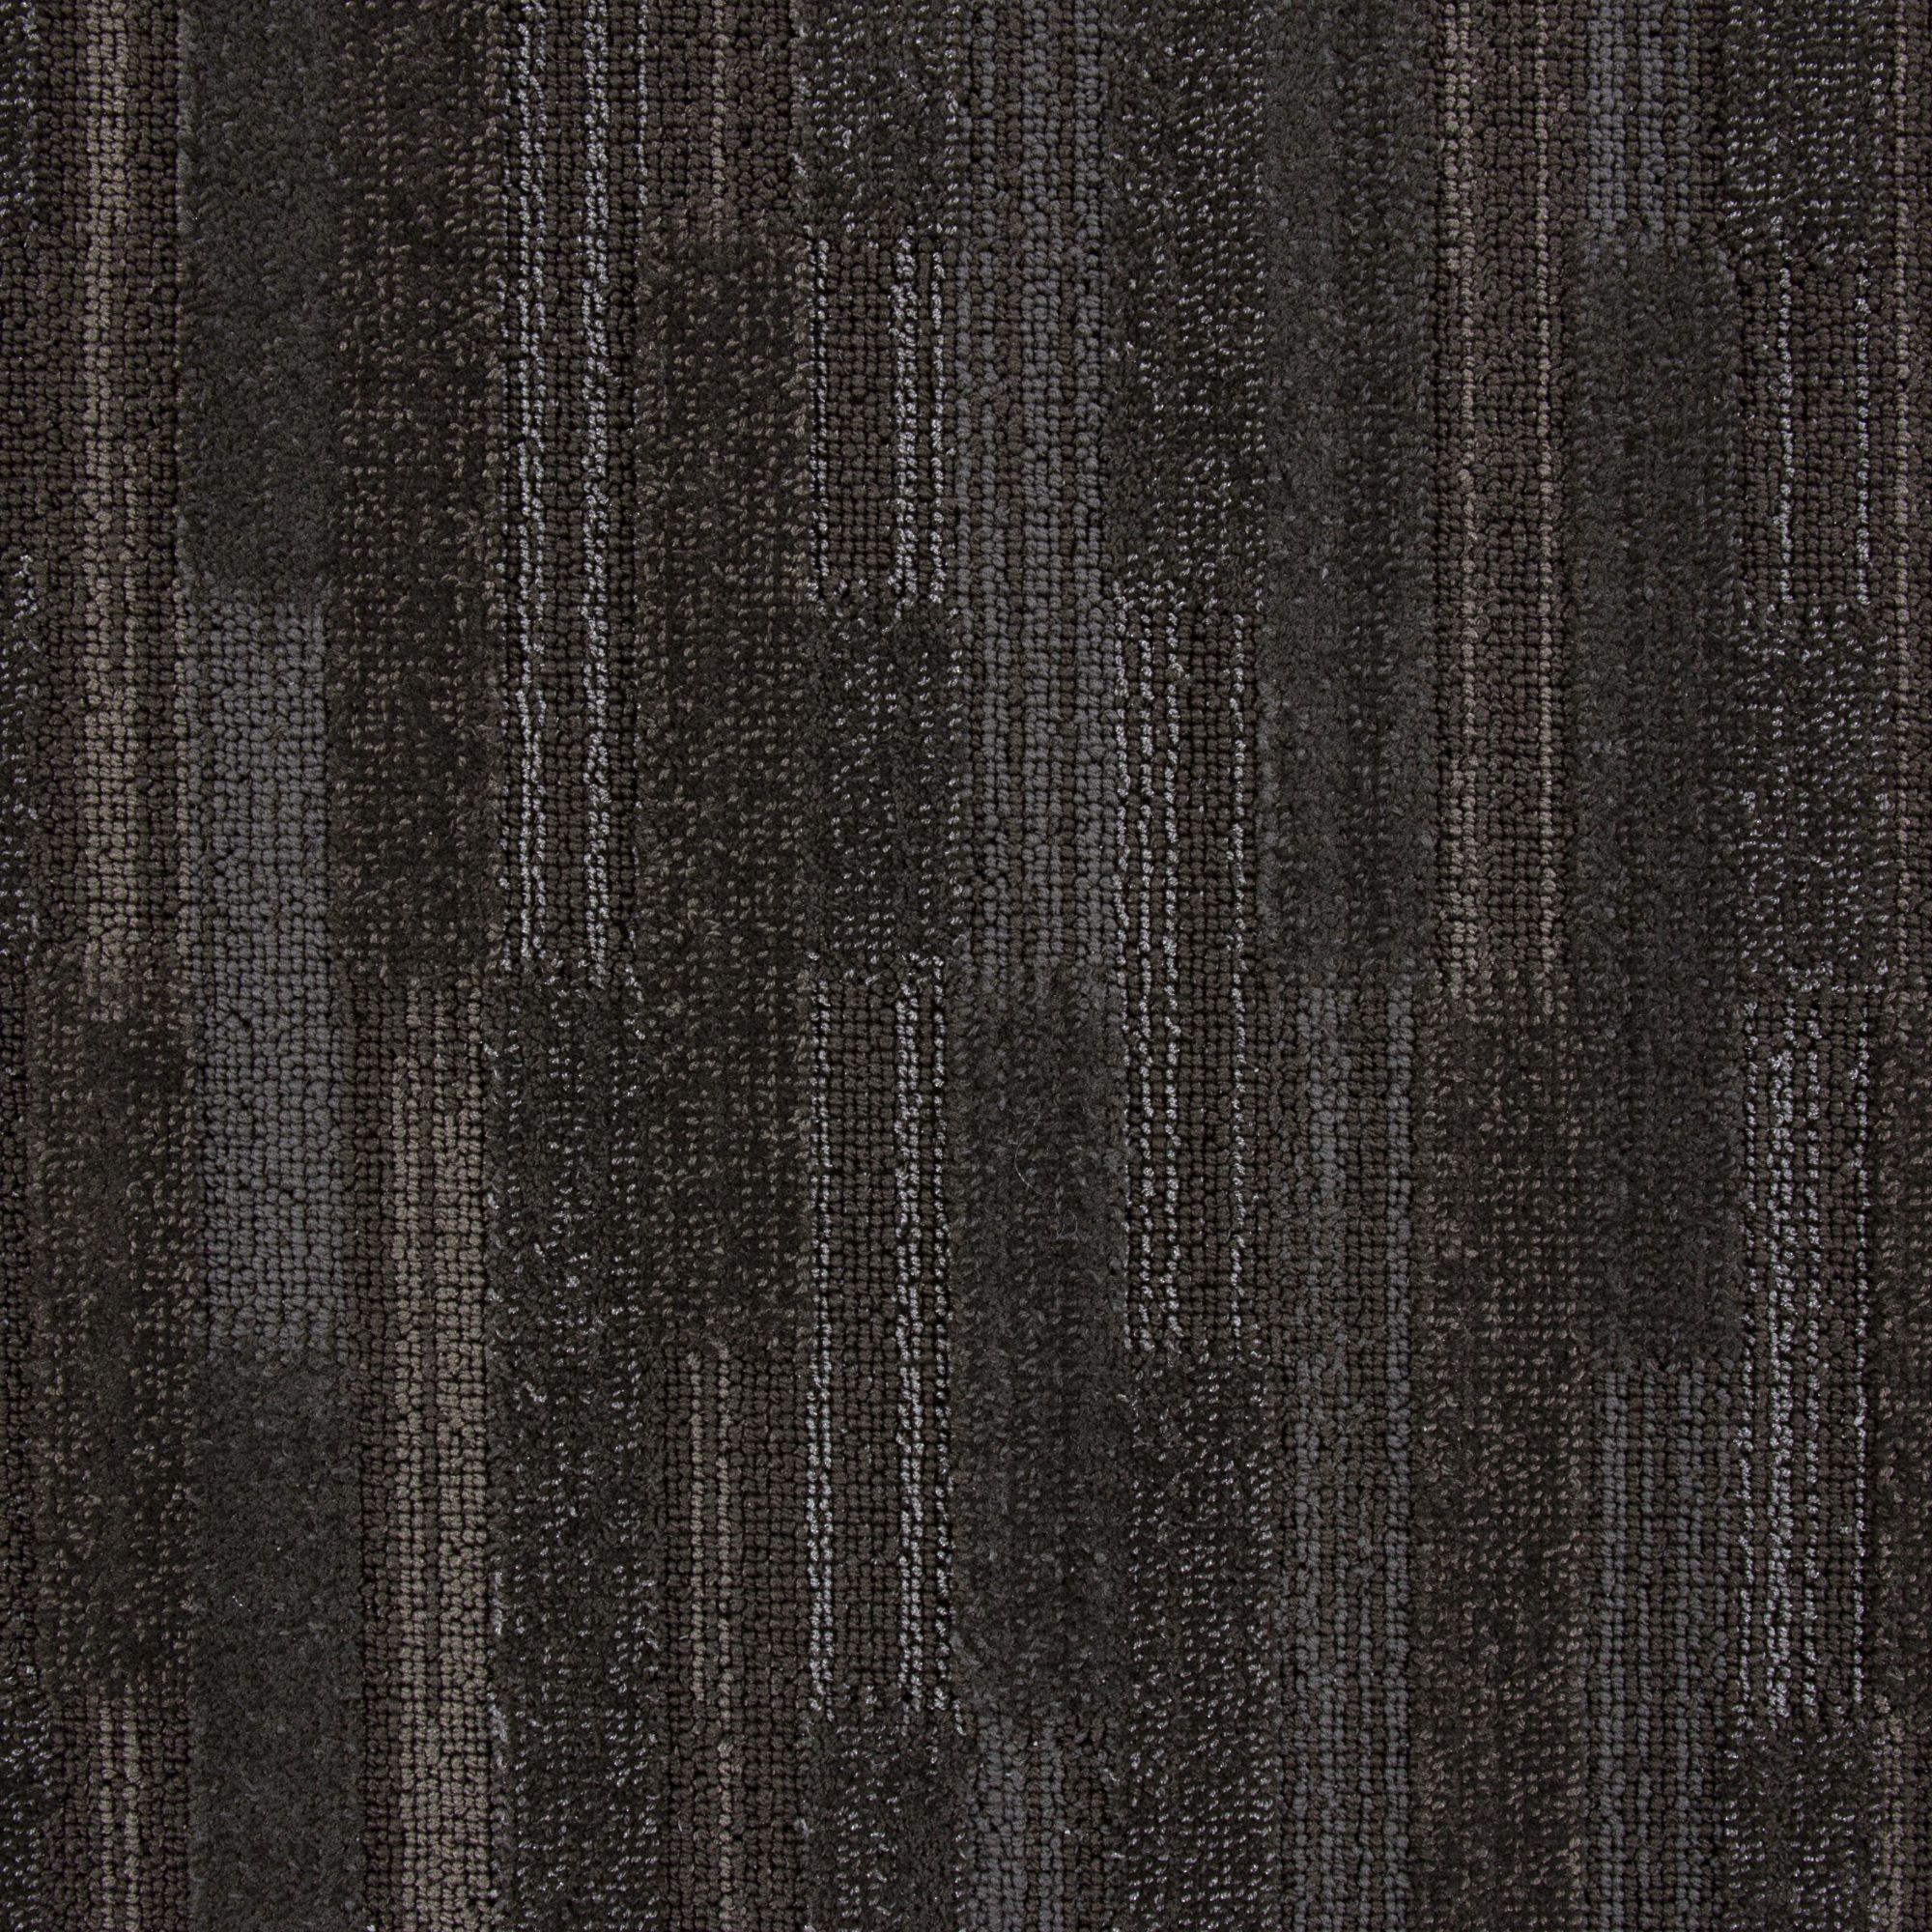 Mezzanine (2023-A2011)